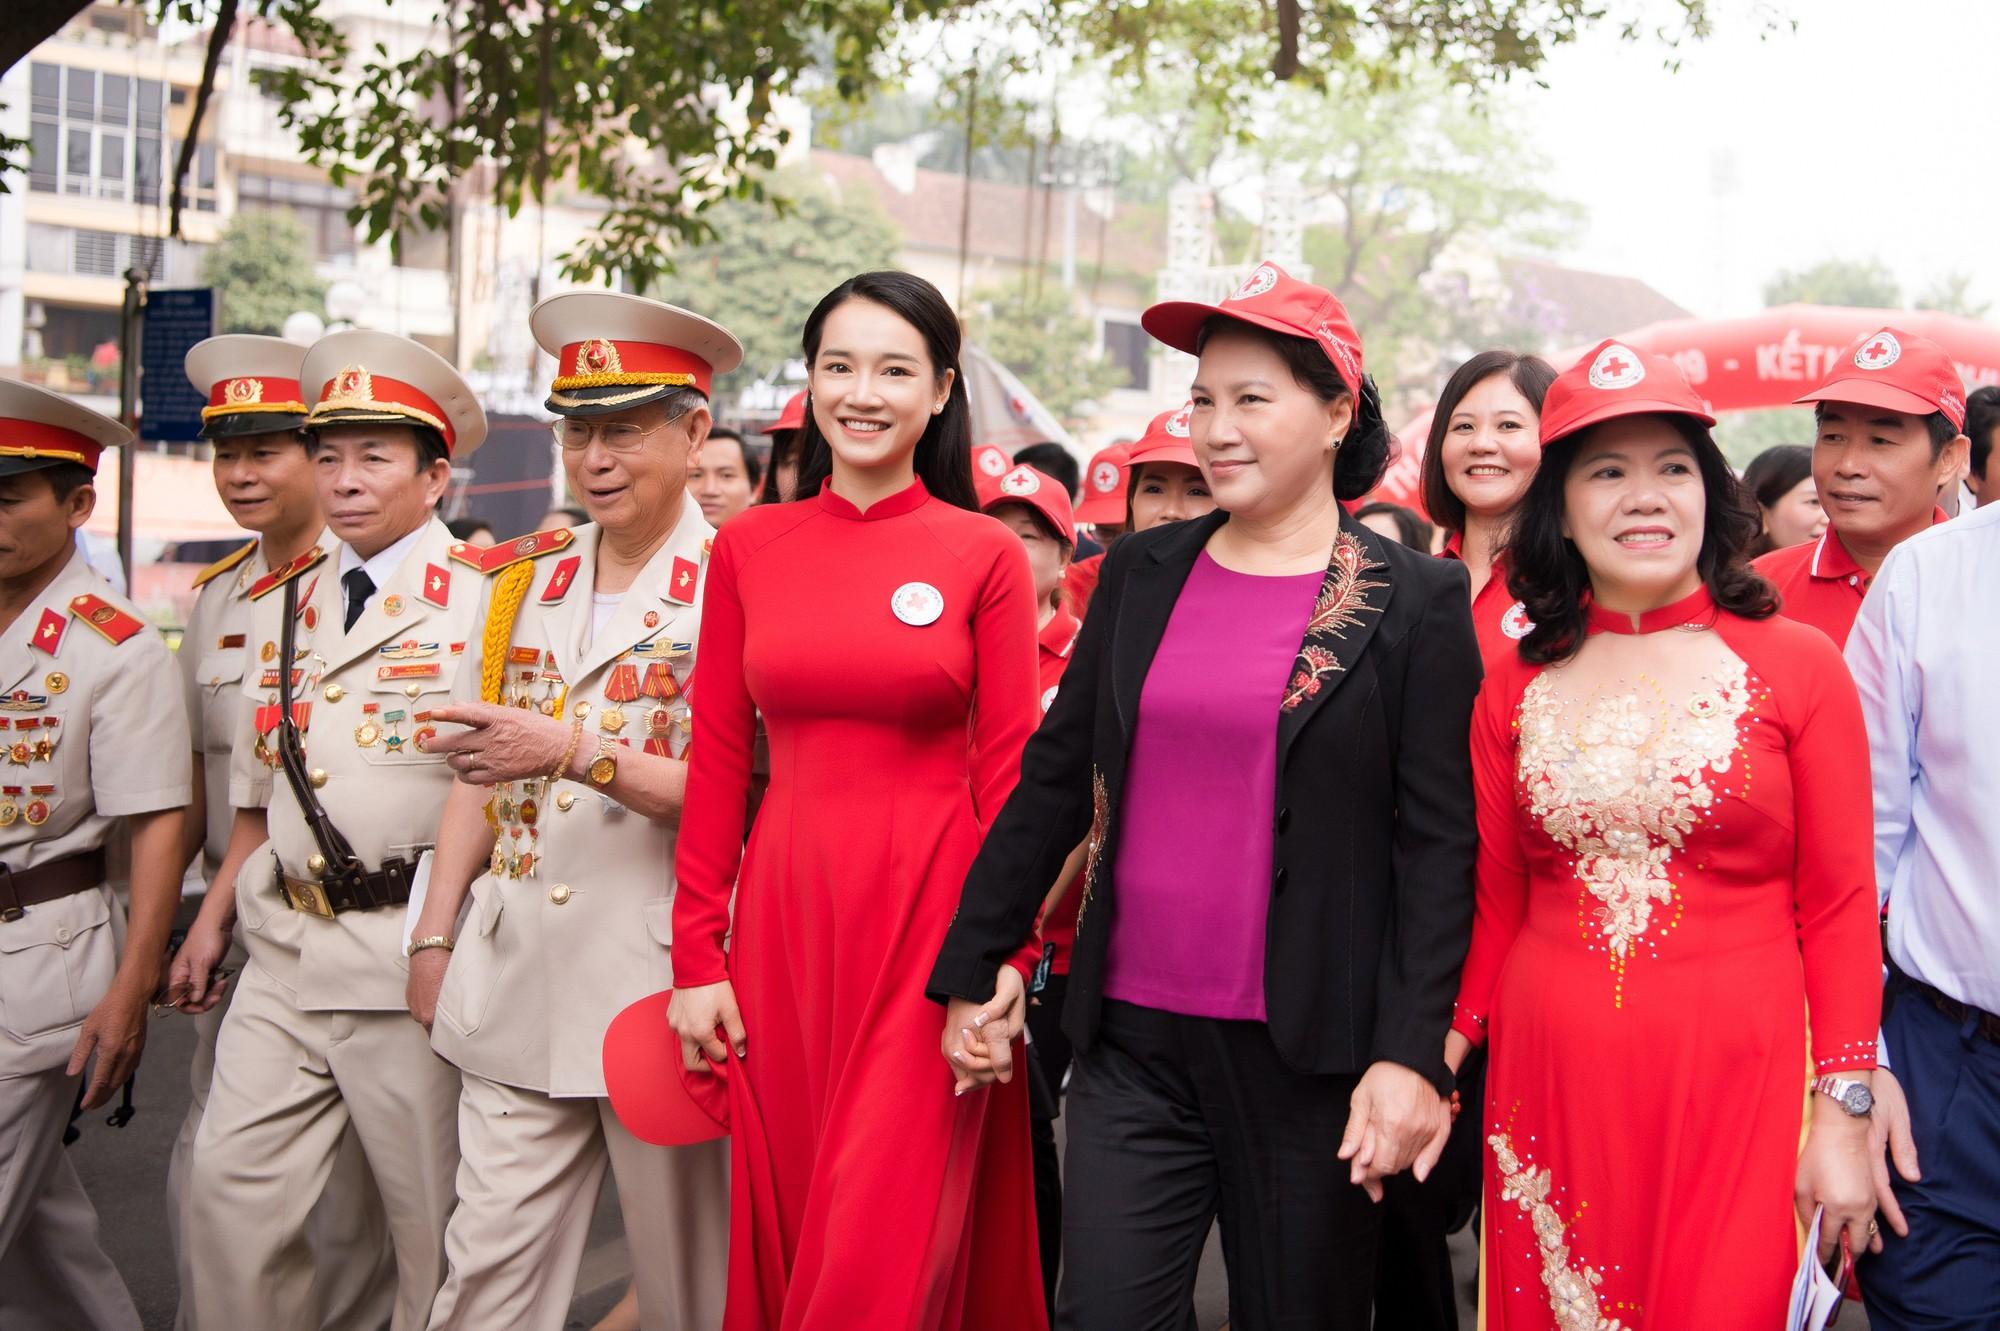 Nhã Phương vinh dự trở thành đại sứ của tháng Nhân đạo Quốc gia - Ảnh 3.